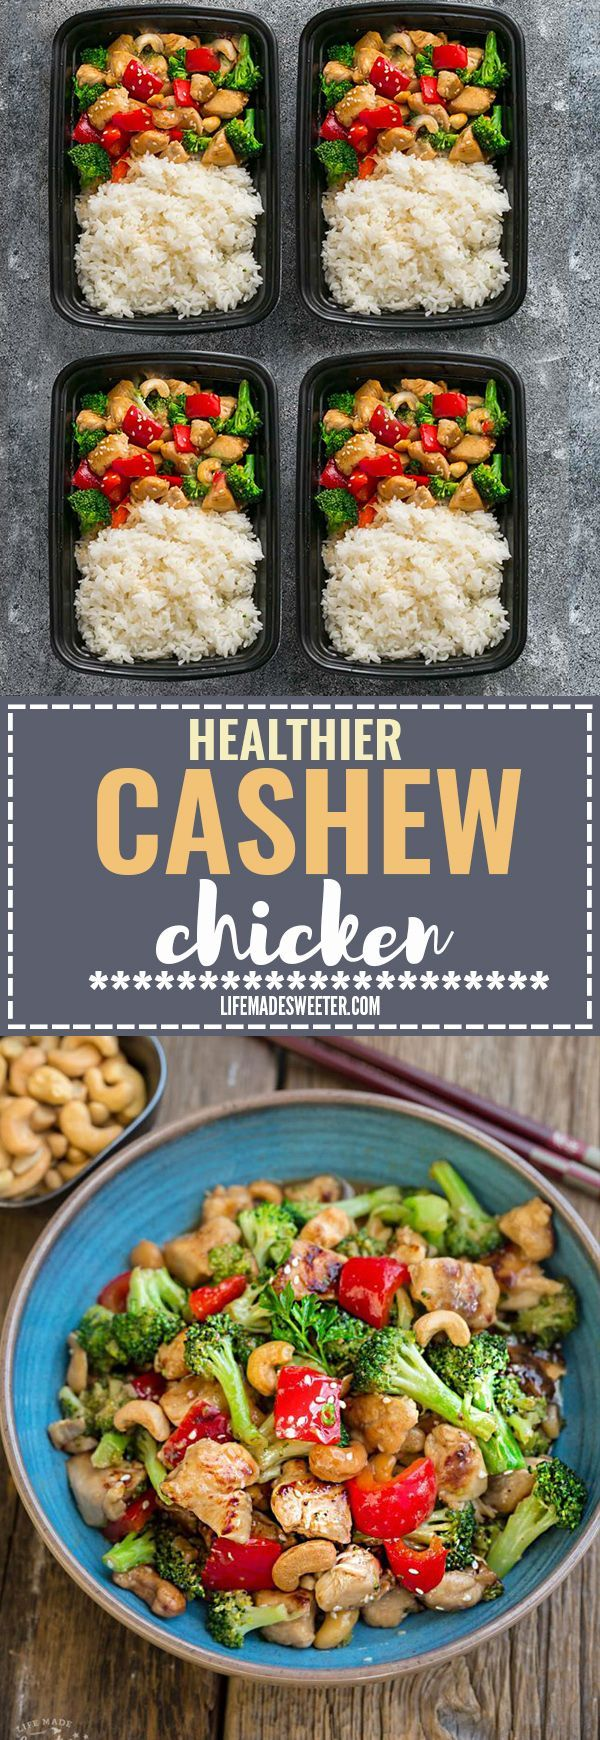 Healthy Cashew Chicken ist eine einfache, 20-minütige, glutenfreie Skinny-Version   – Food